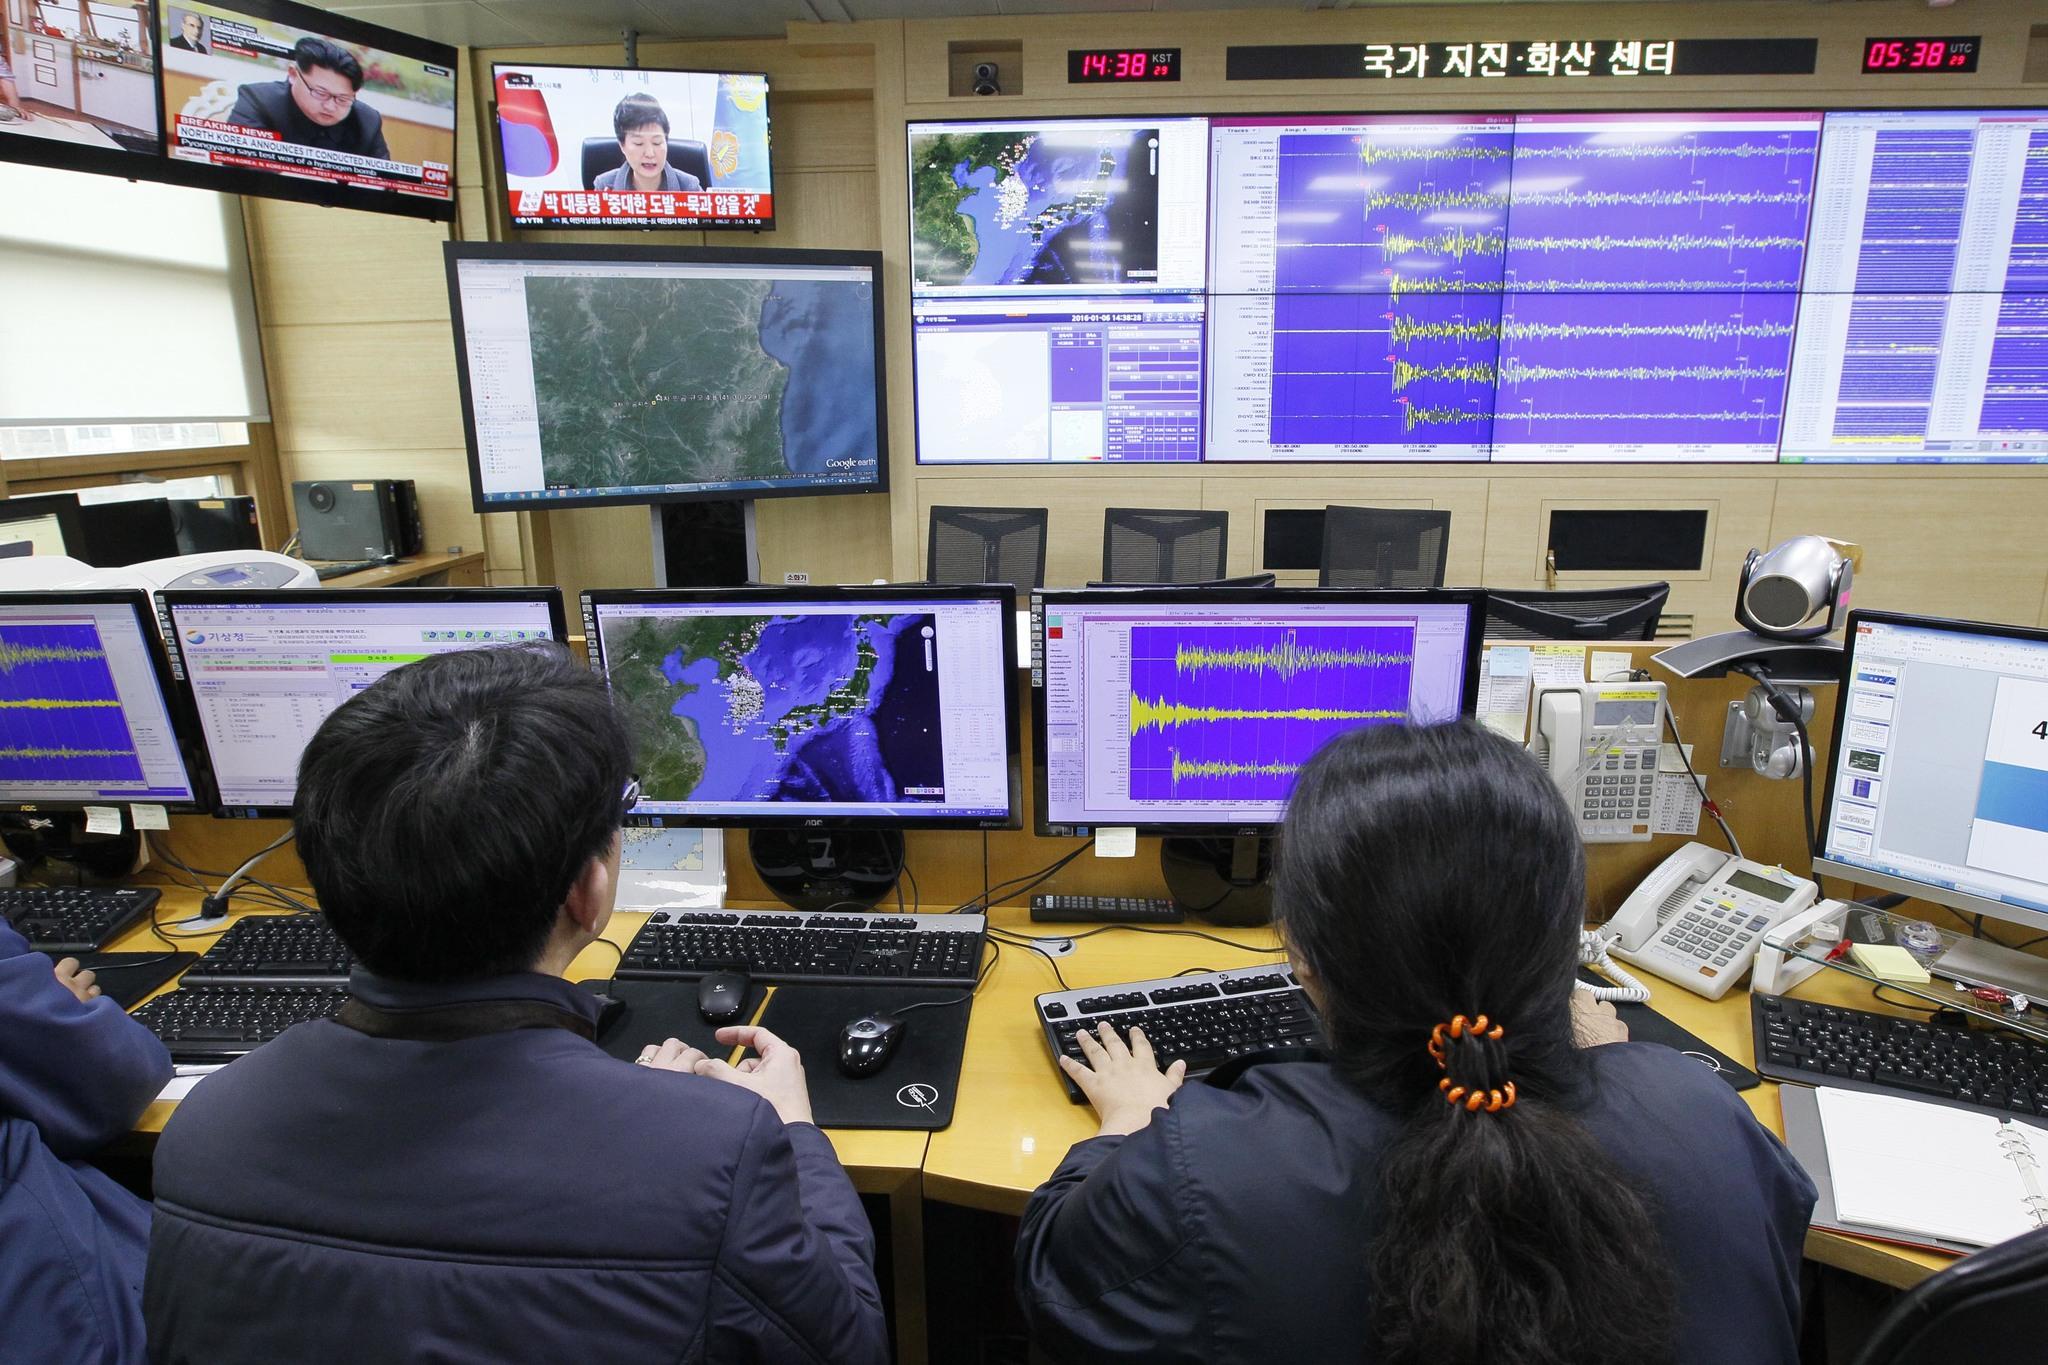 기상청 직원들이 서울 신대방동 기상청 국가지진 화산센터에서 북한 핵실험에 따른 인공지진파 측정상황을 살펴보고 있다. [중앙포토]